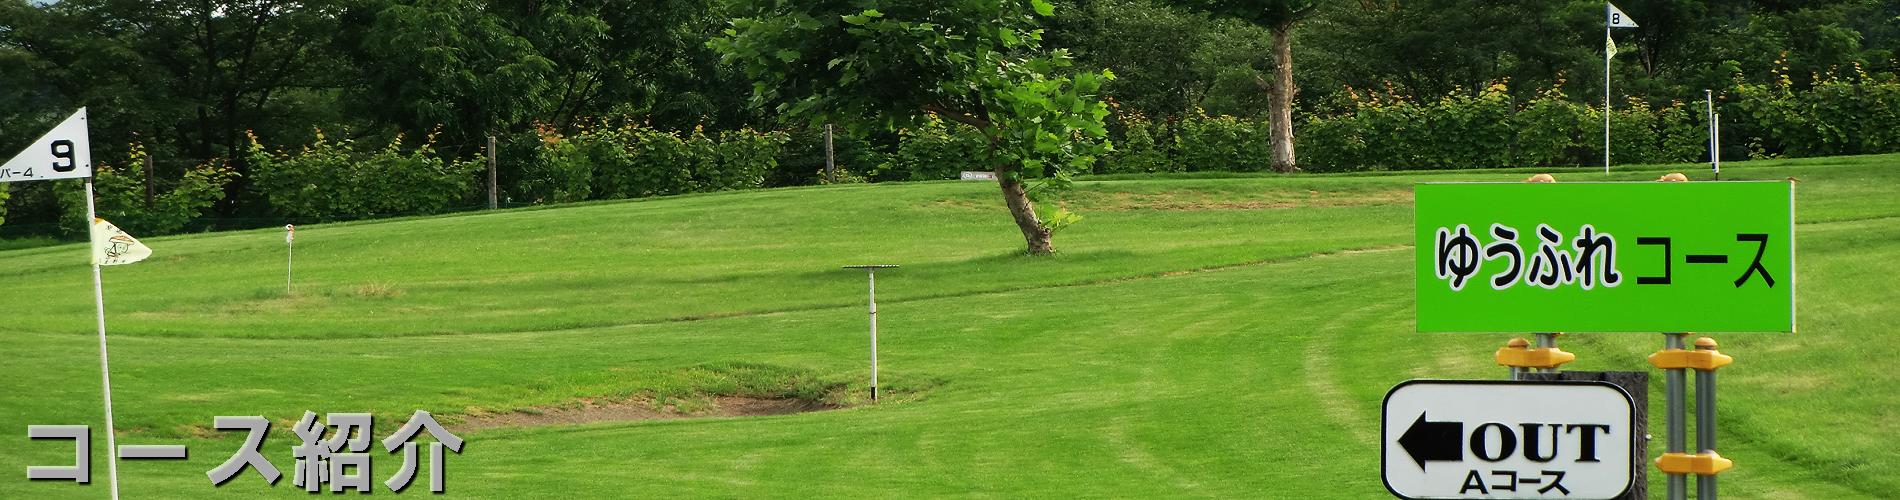 パークゴルフ場-コース